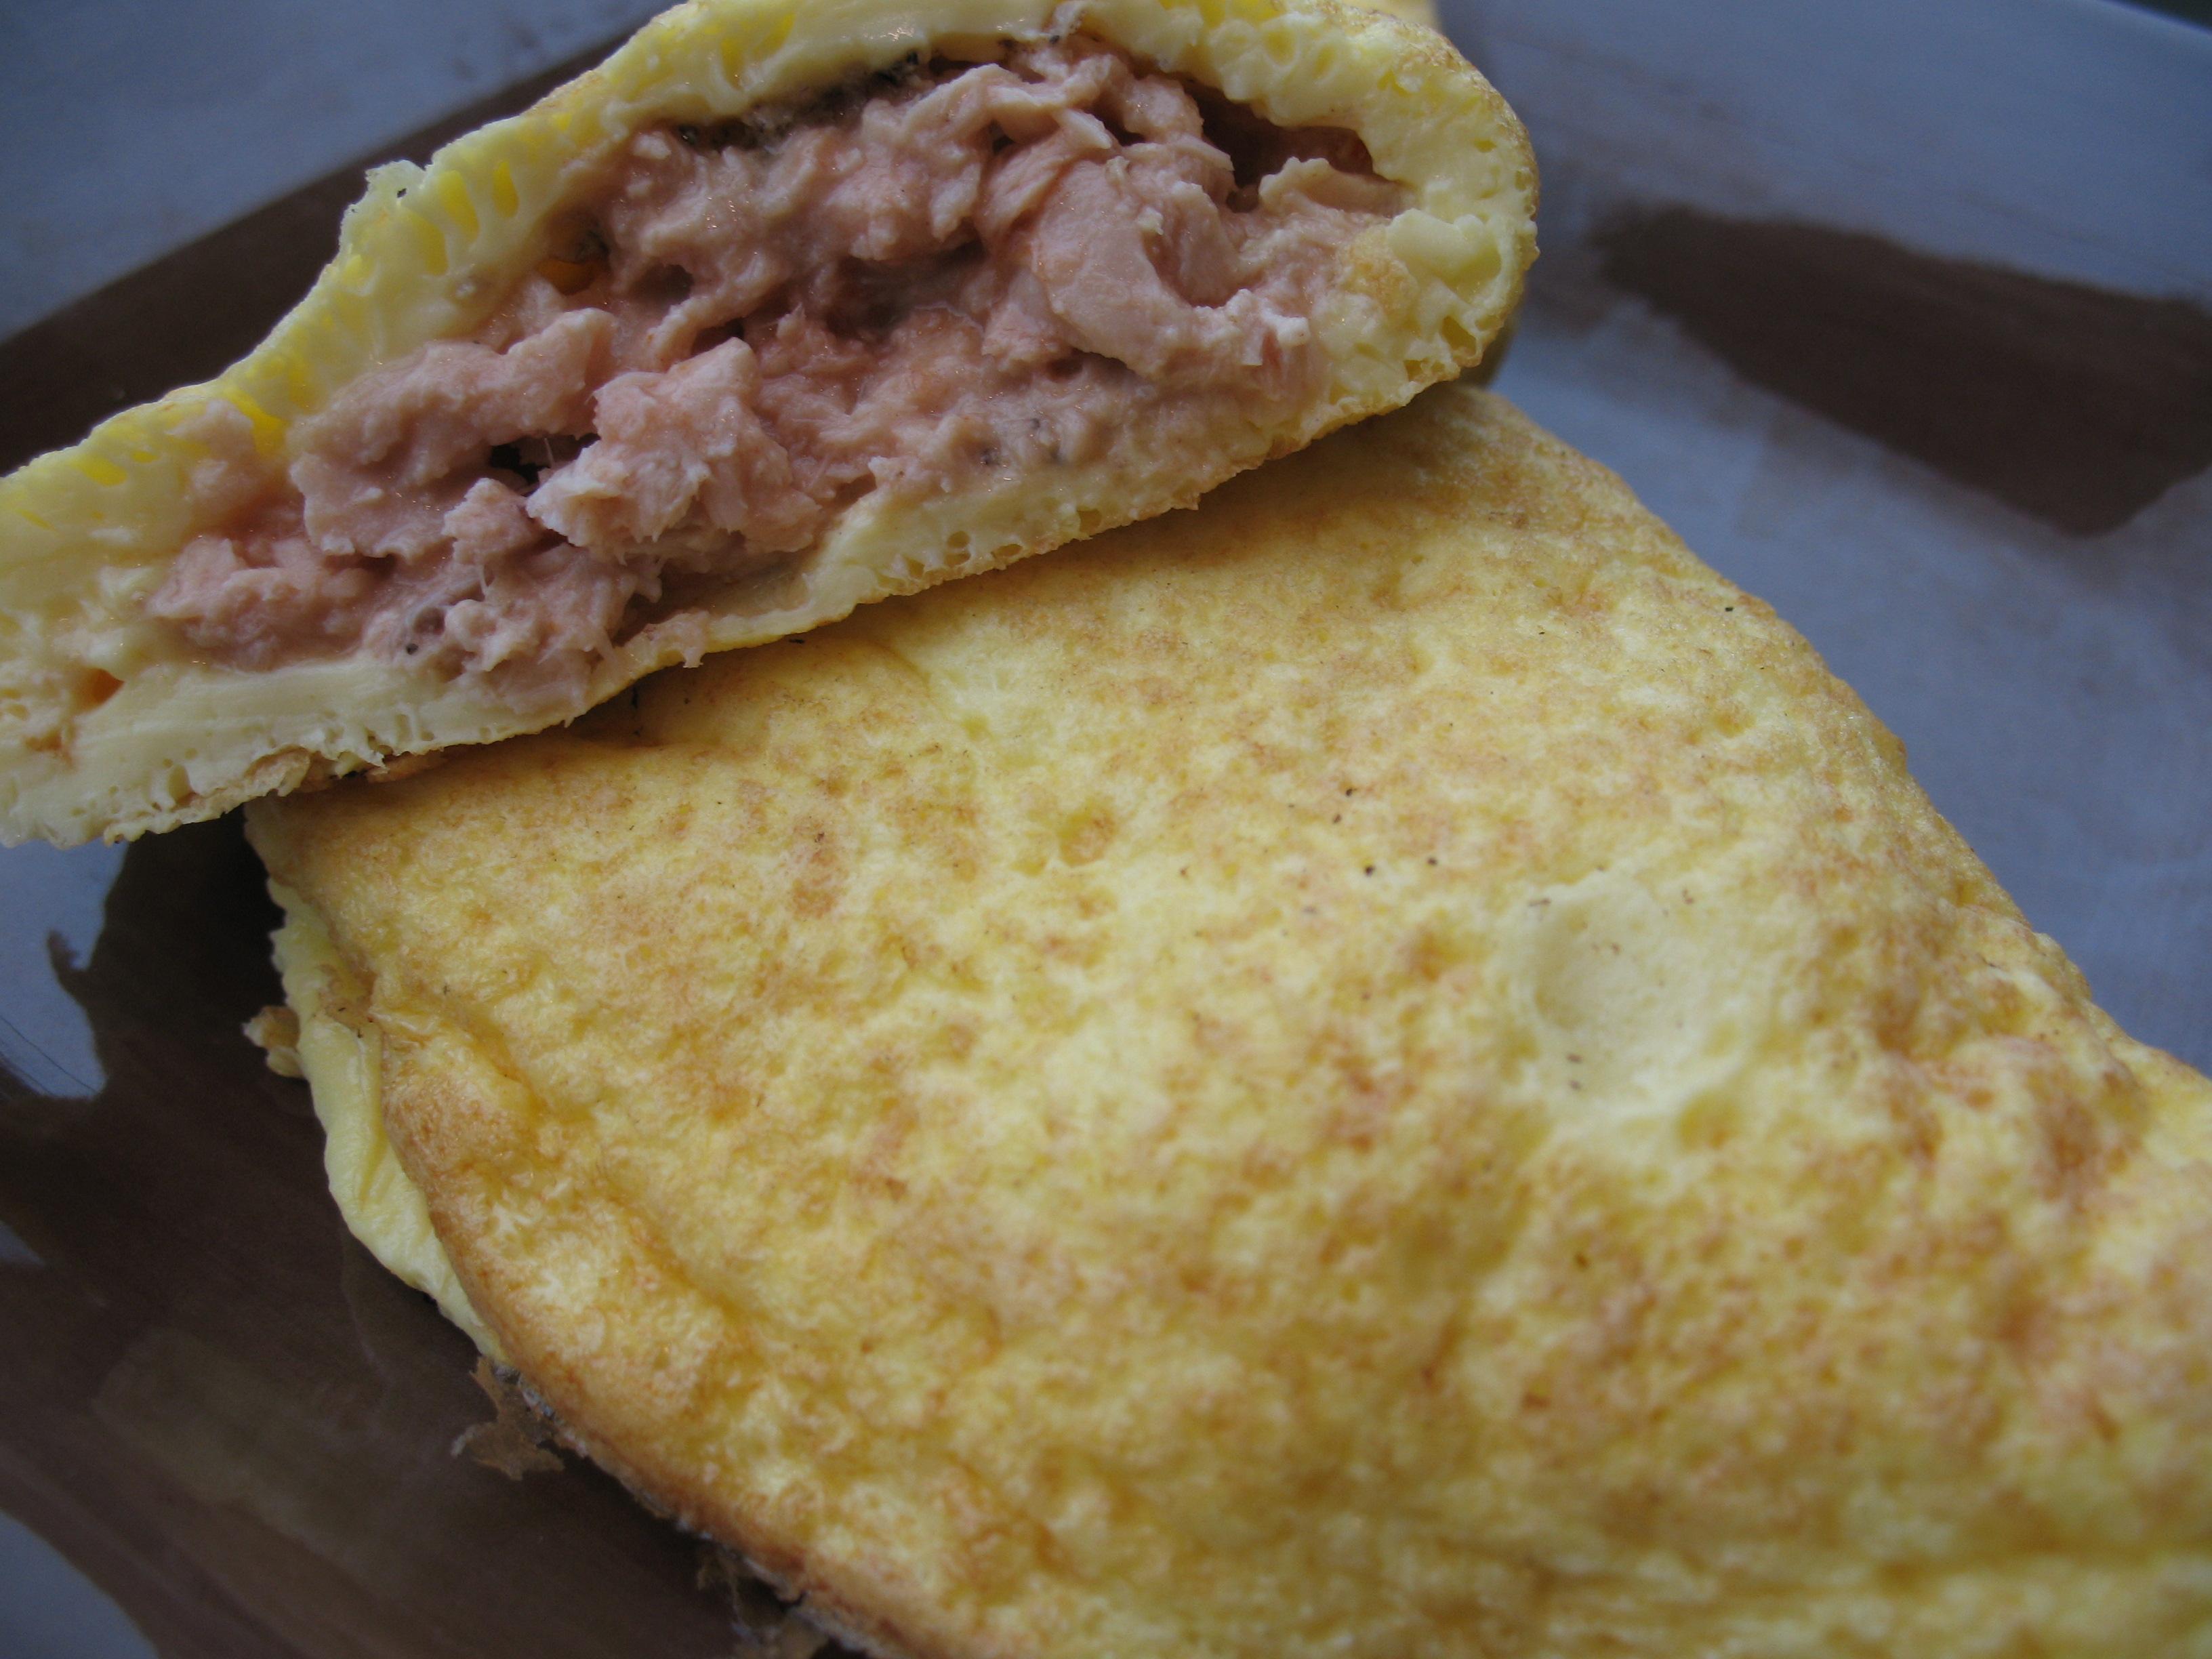 Omega 3 stuffed omelet